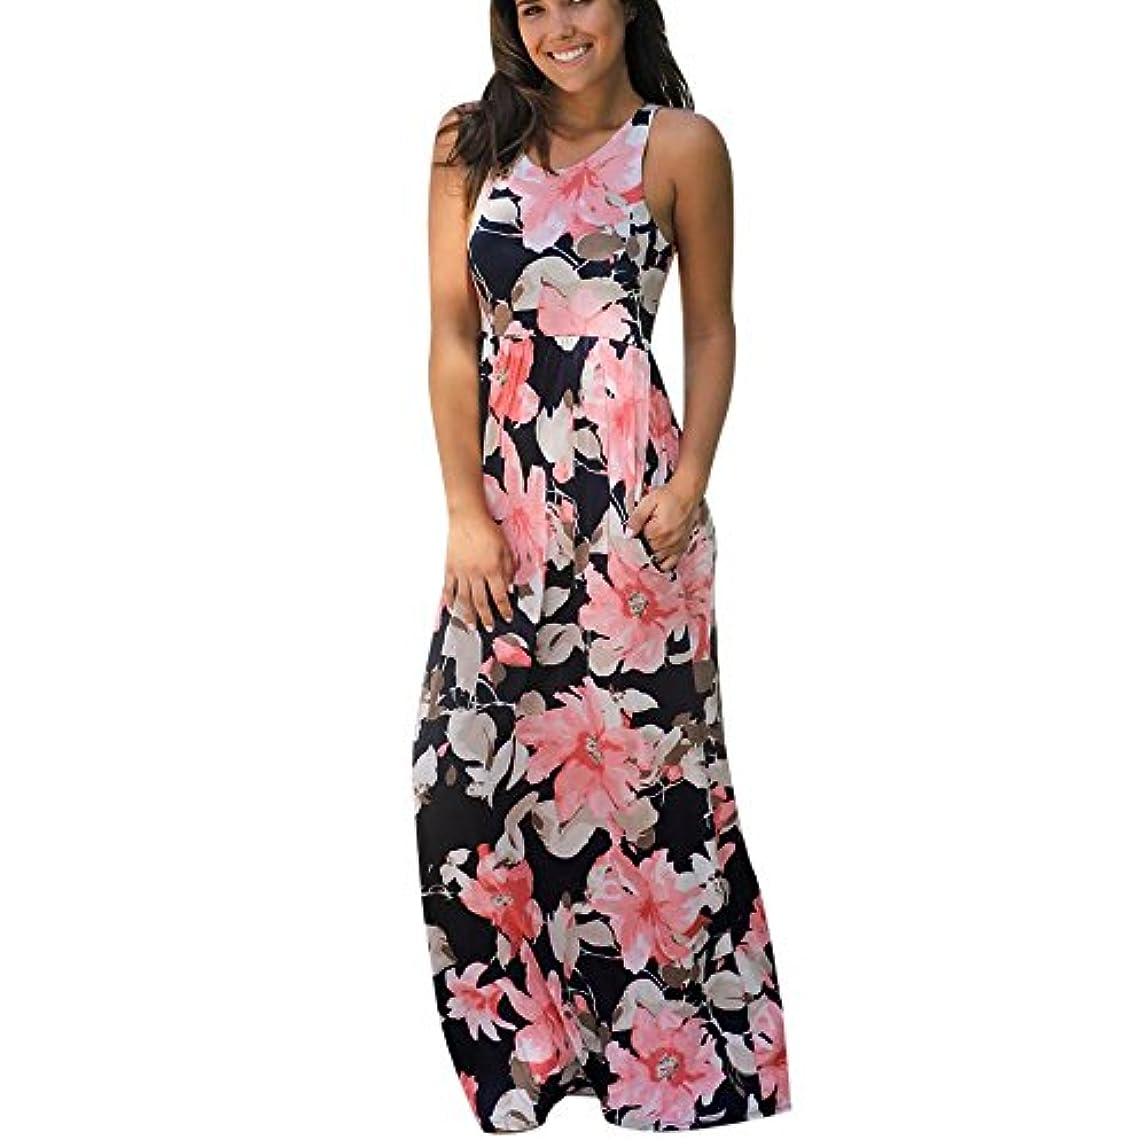 百万振る舞うポケットSakuraBest Women Sleeveless Floral Print Maxi Long Dress with Pockets (M, Watermelon)